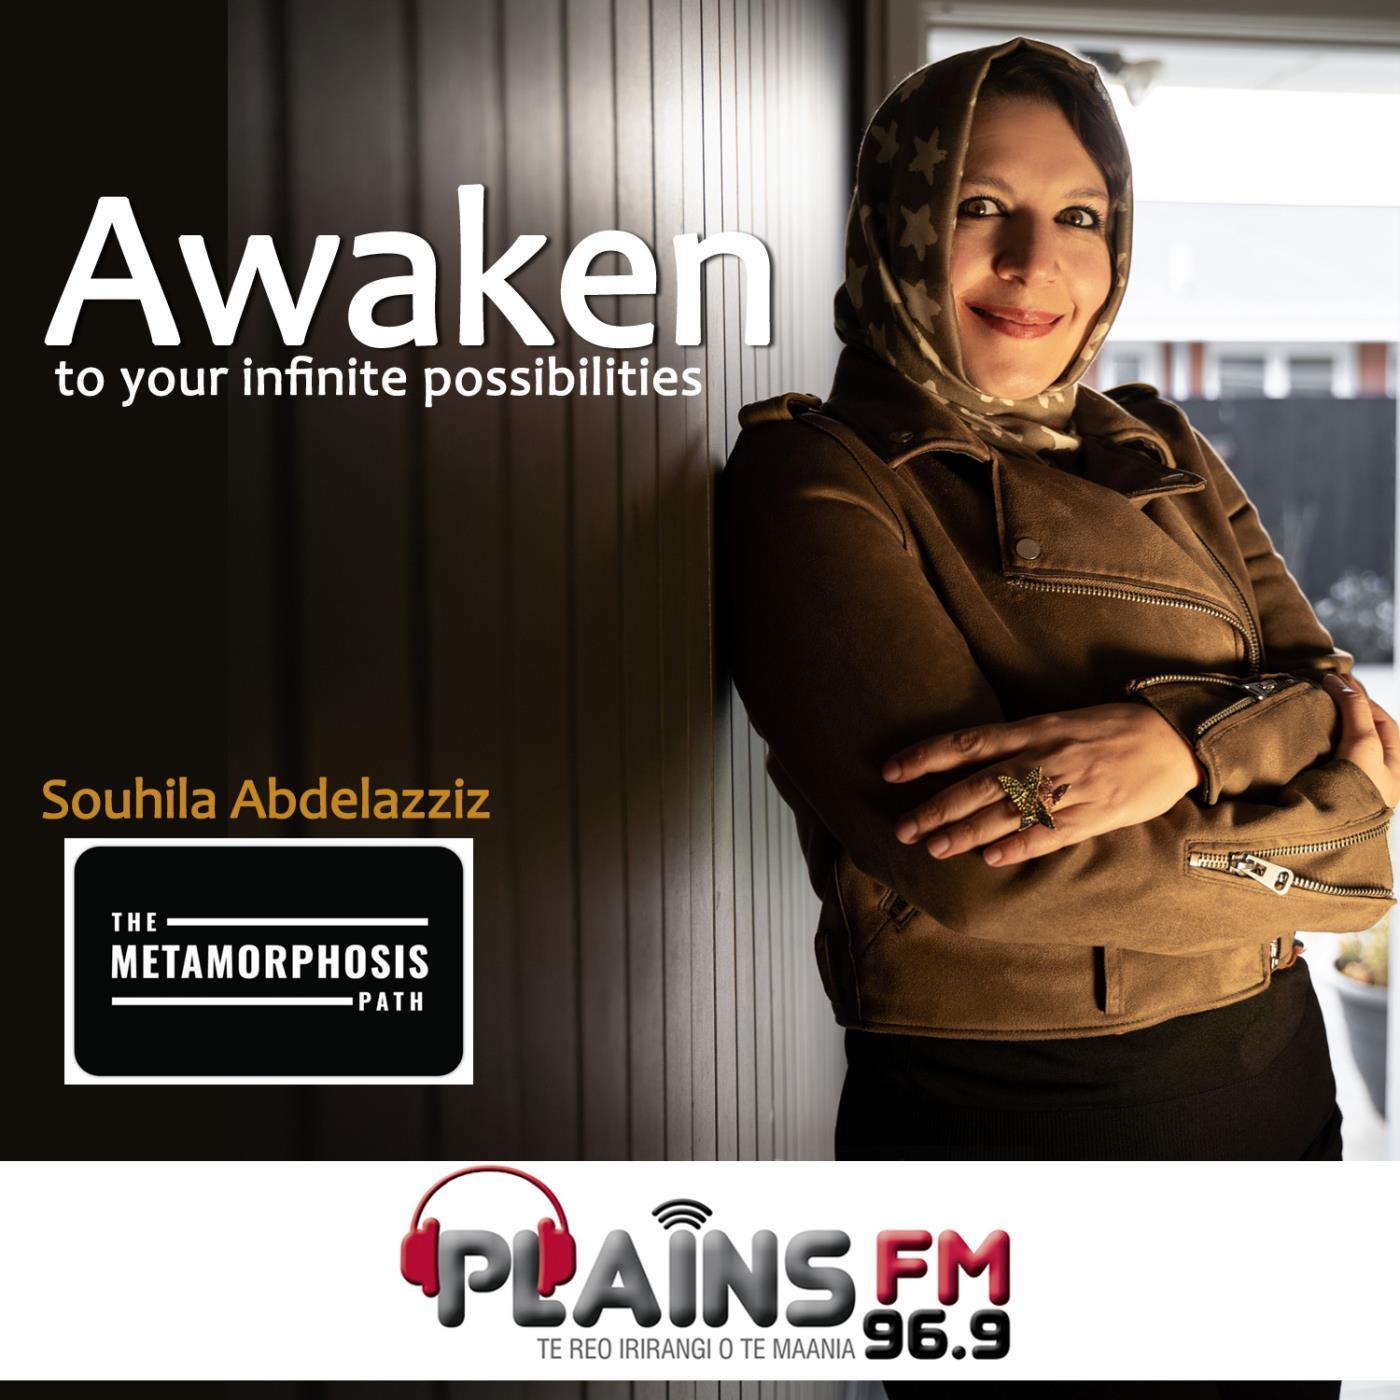 Awaken - Episode 16 - The Law of Gender